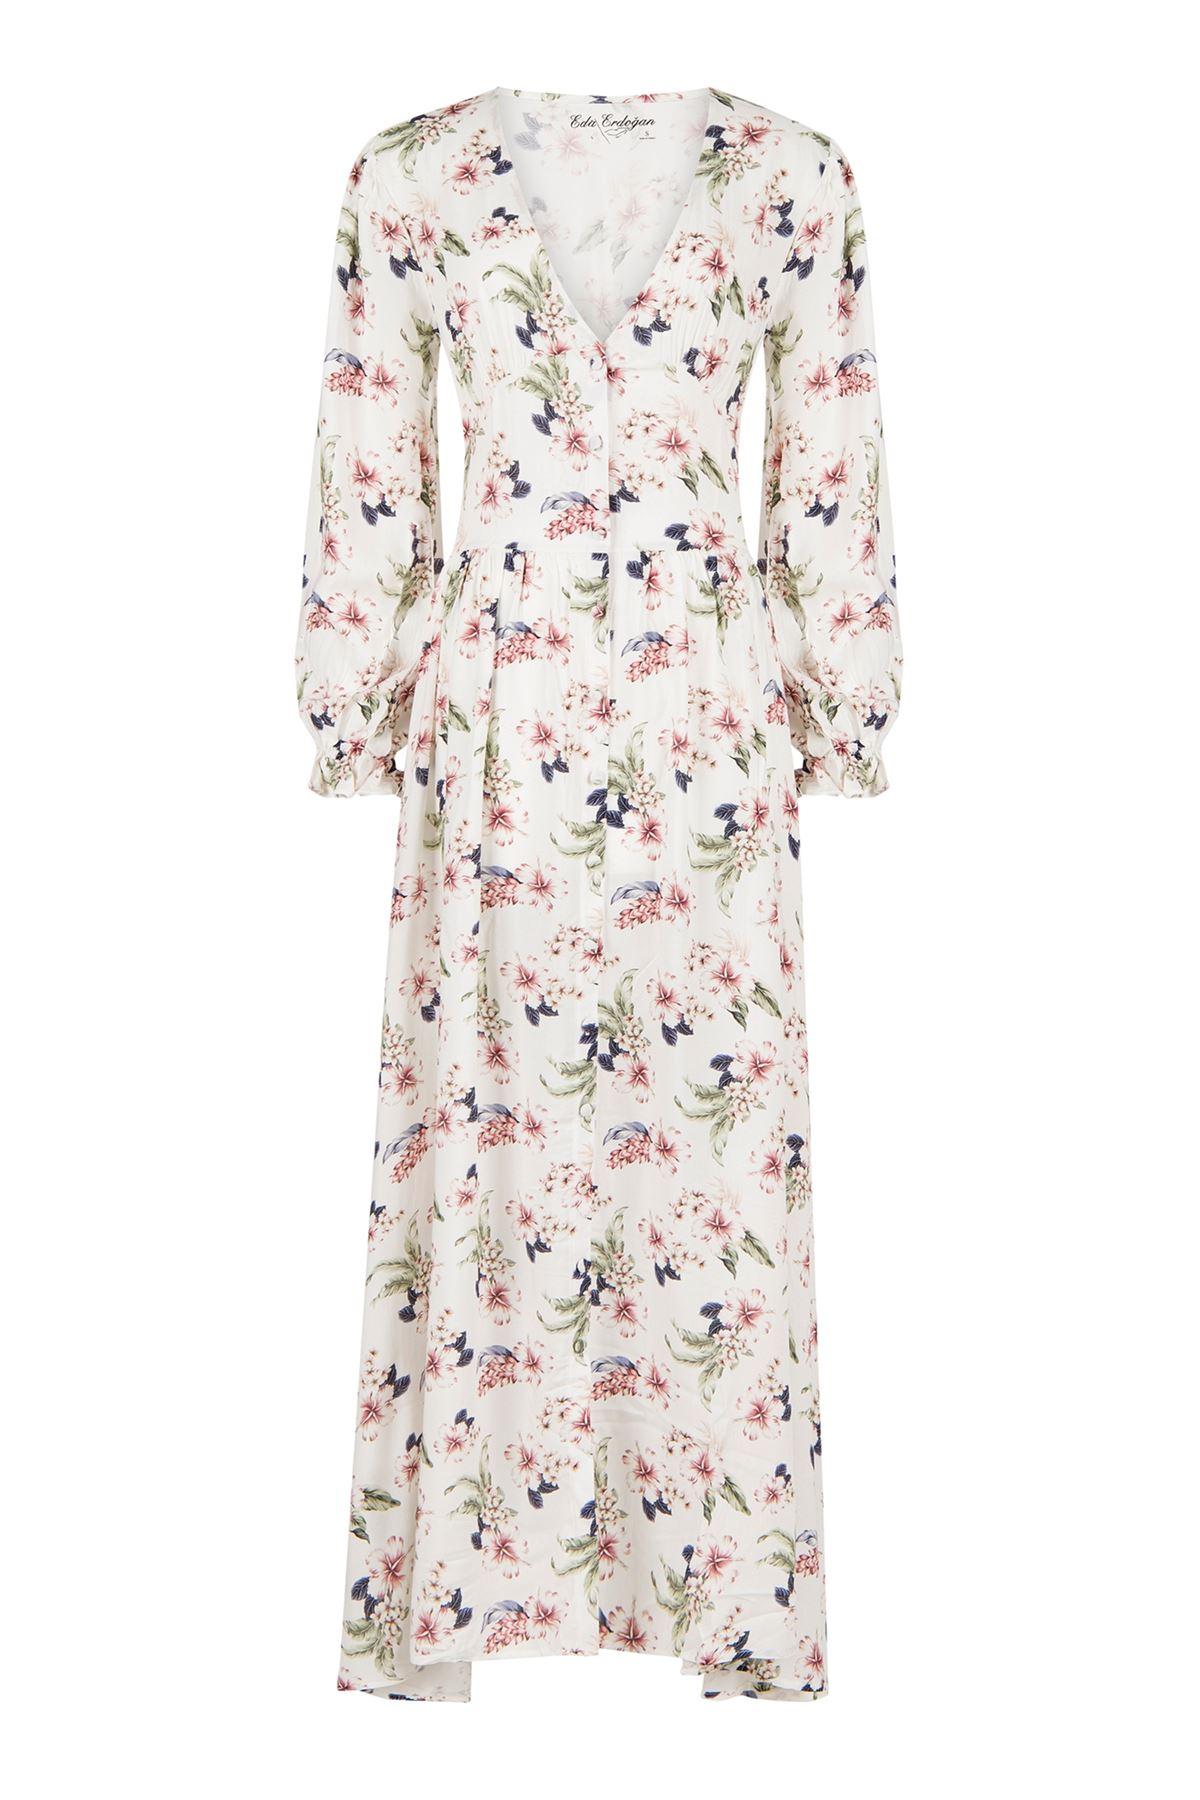 Vintage Dress (Beyaz Üzeri Çiçekli)